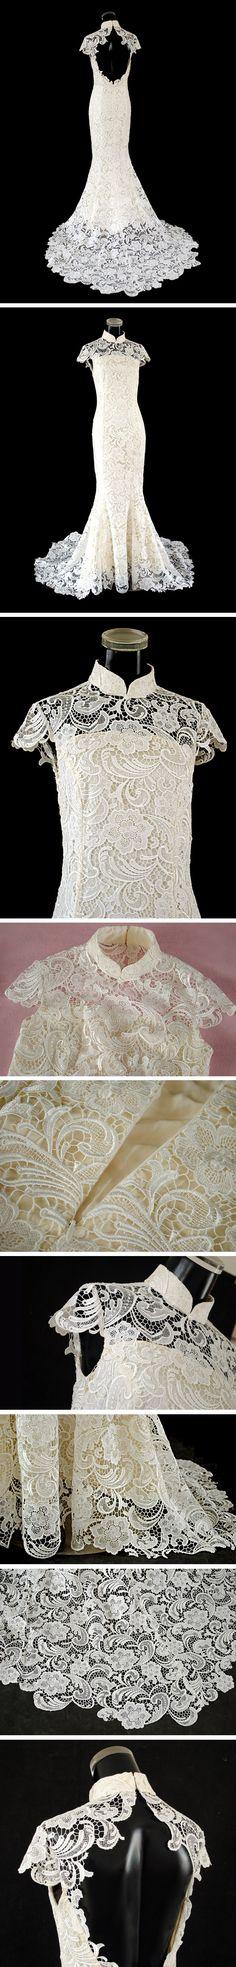 fashionbubbles.com Cheongsam / Qipao Conheça a história do Vestido Chinês Clássico. Veja variações e inspiração